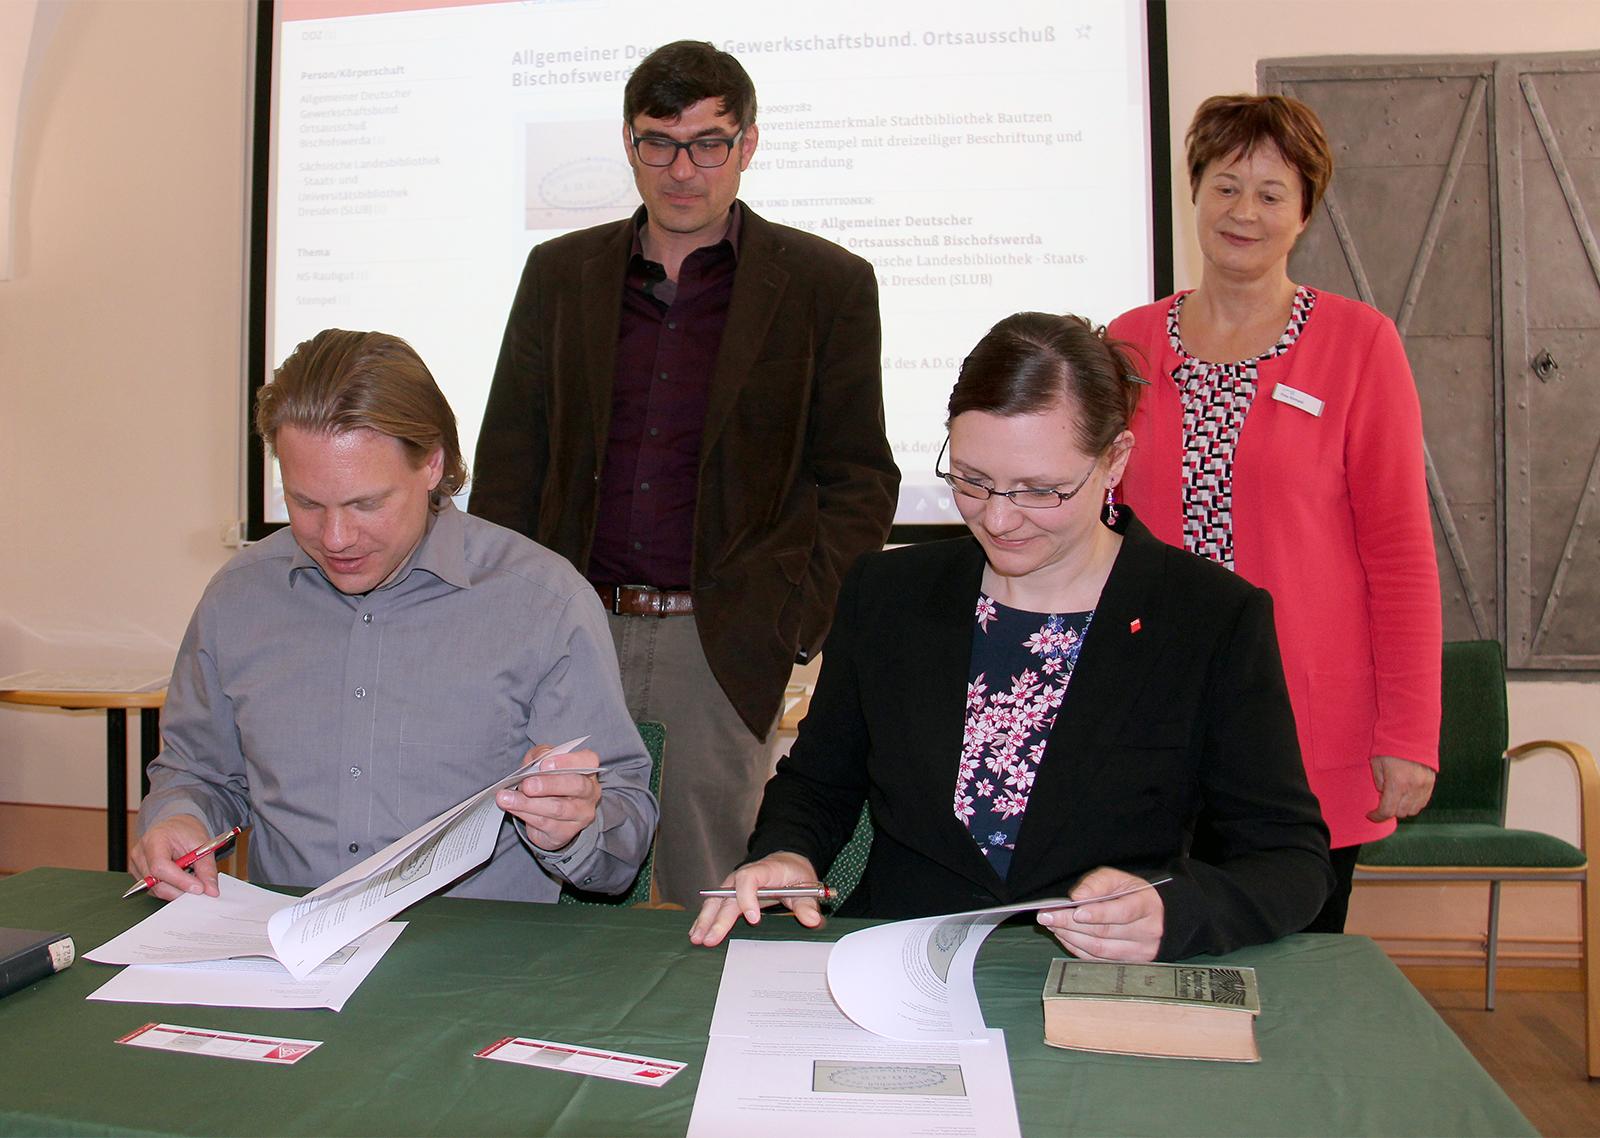 Dana Dubil, Geschäftsführerin der DGB-Regionsgeschäftsstelle Ostsachsen, und Jan Otto, Erster Bevollmächtigter der IG Metall Ostsachsen, unterzeichnen die Übergabeurkunde an die Stadtbibliothek Bautzen